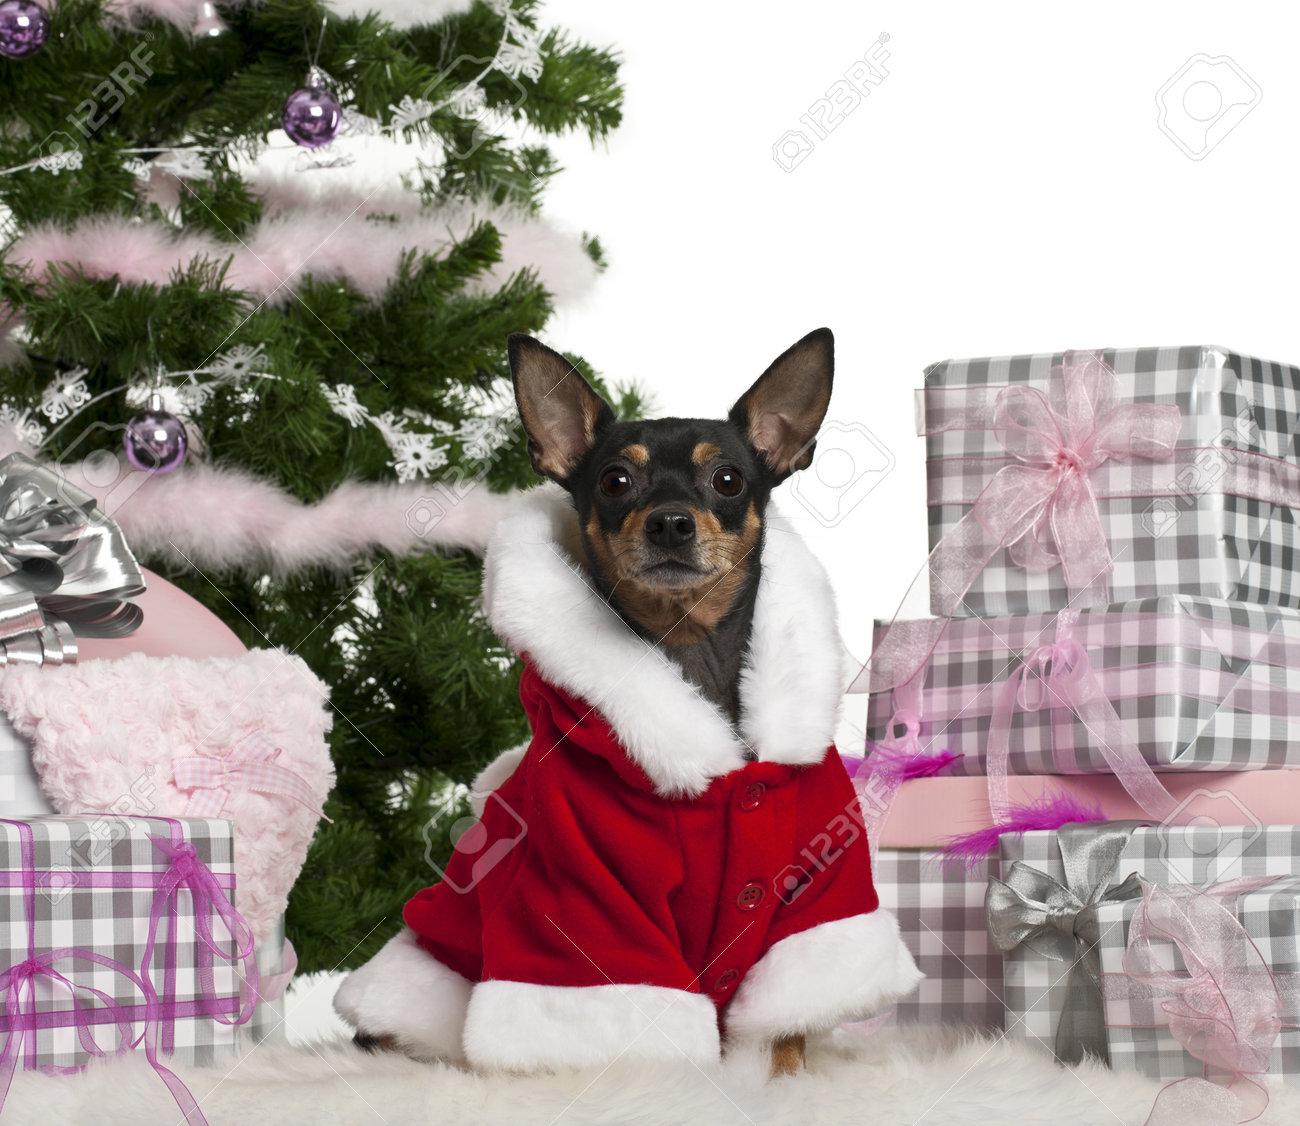 Zwergpinscher, 3 Jahre Alt, Trug Weihnachtsmann-Outfit Mit ...